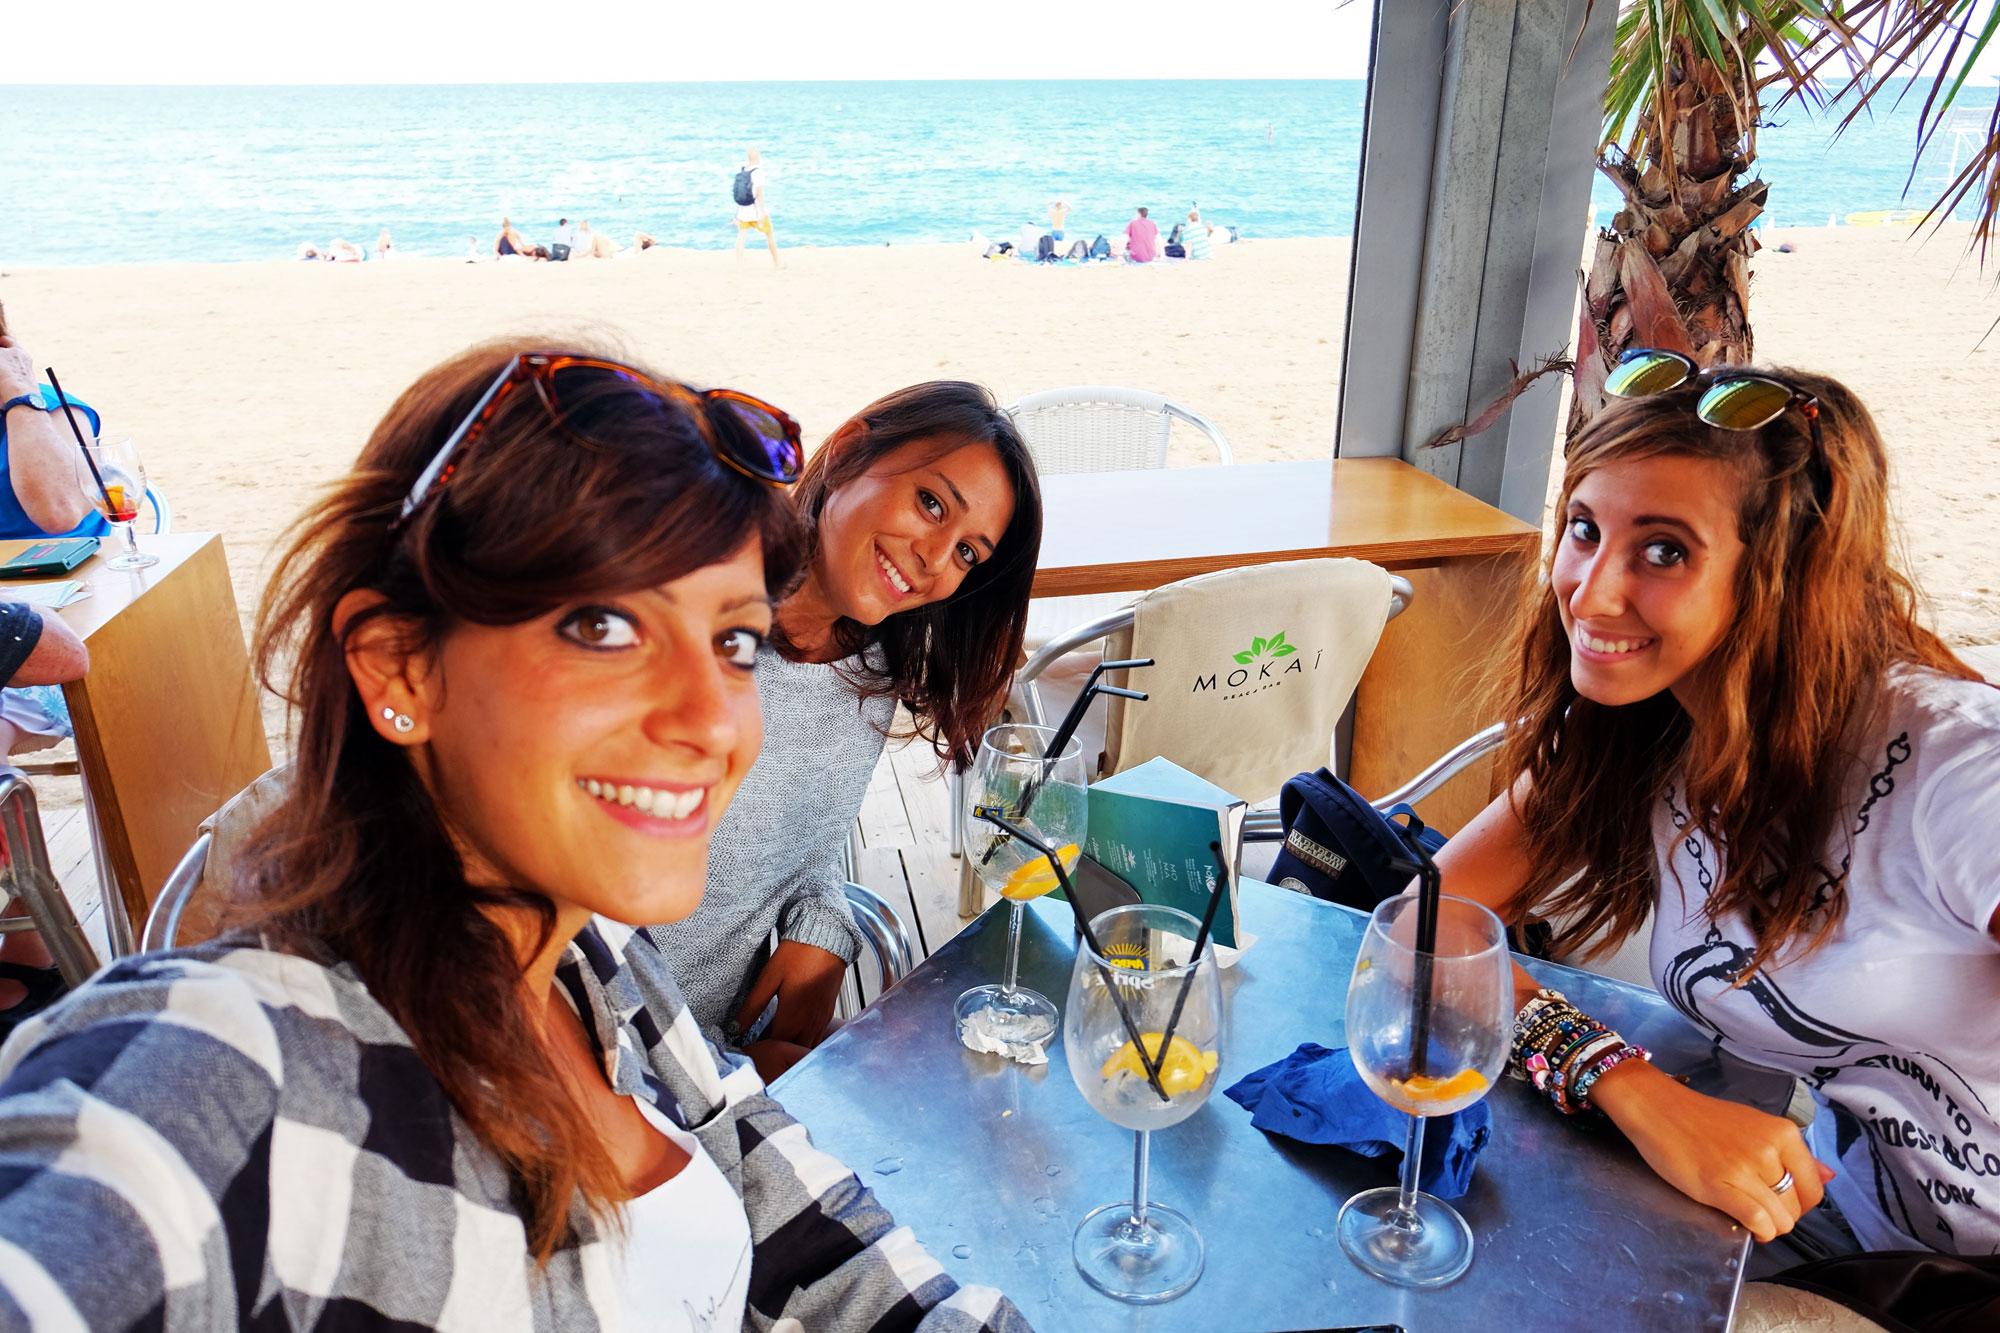 Cosa vedere a Barcellona spiaggia